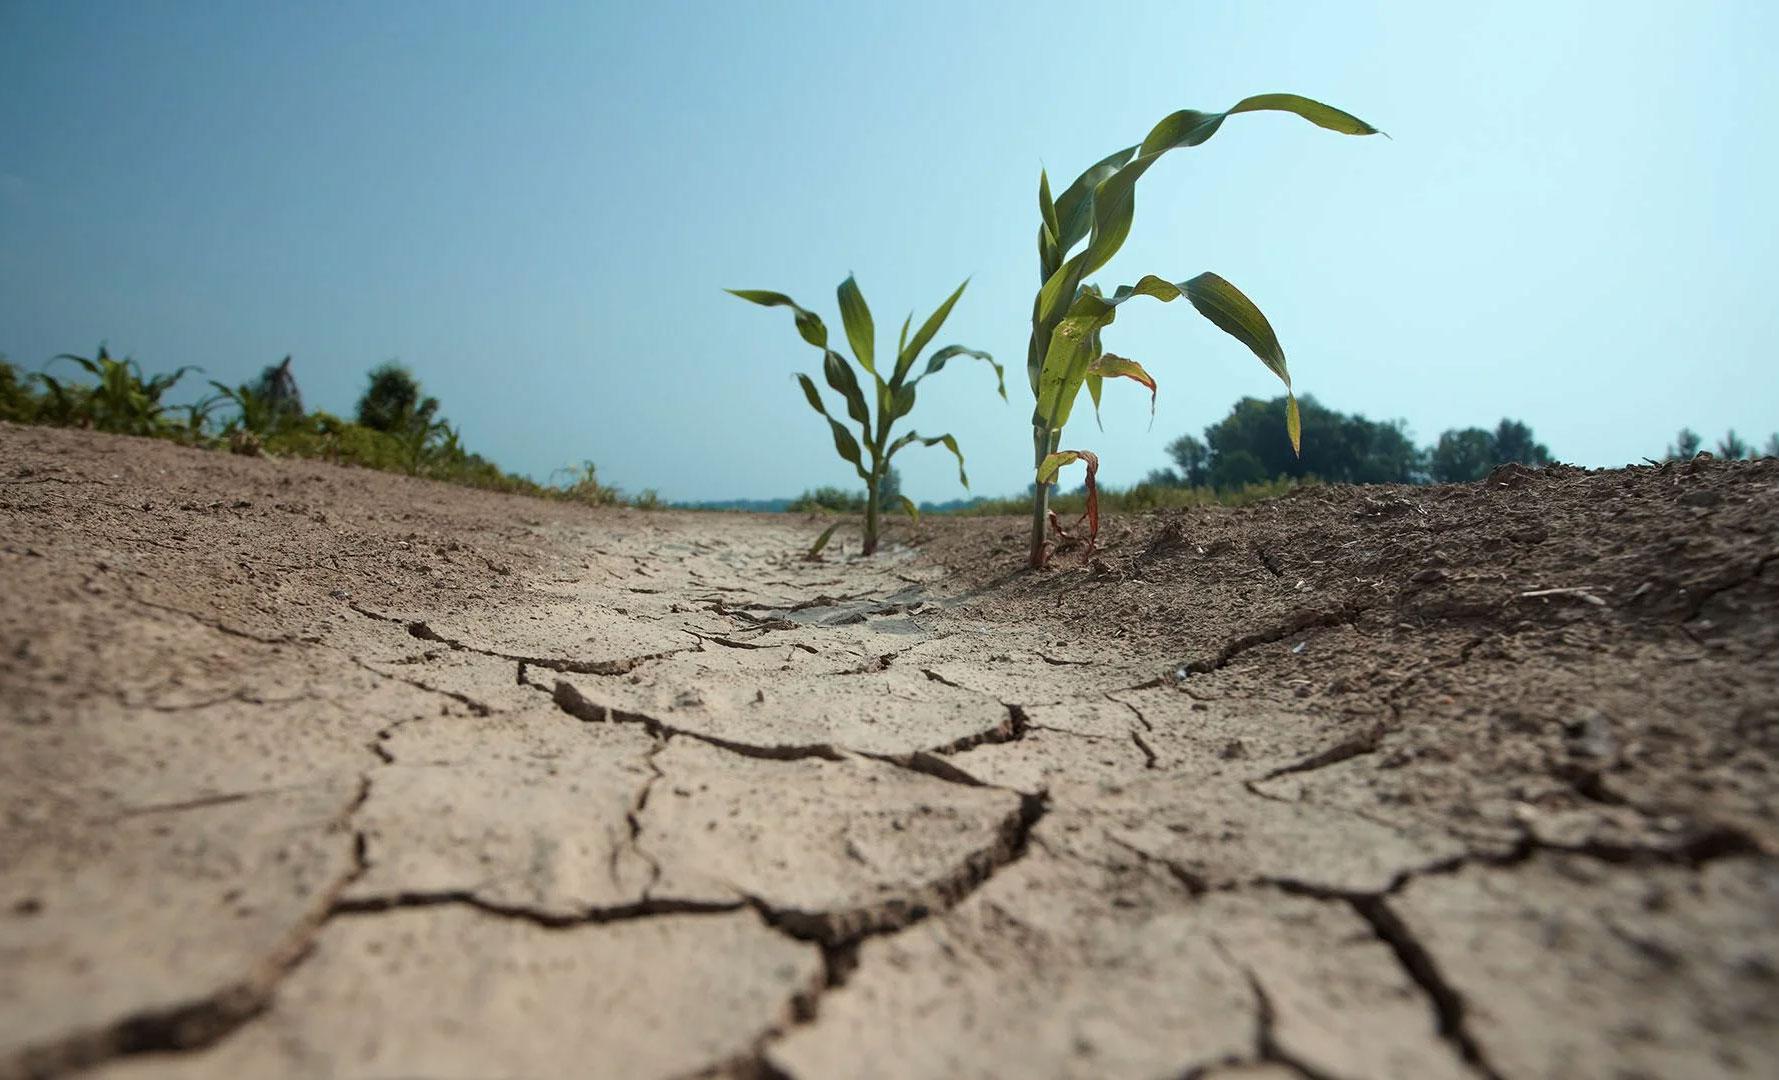 Обзор: проблема опустынивания на глобальном и региональном уровнях